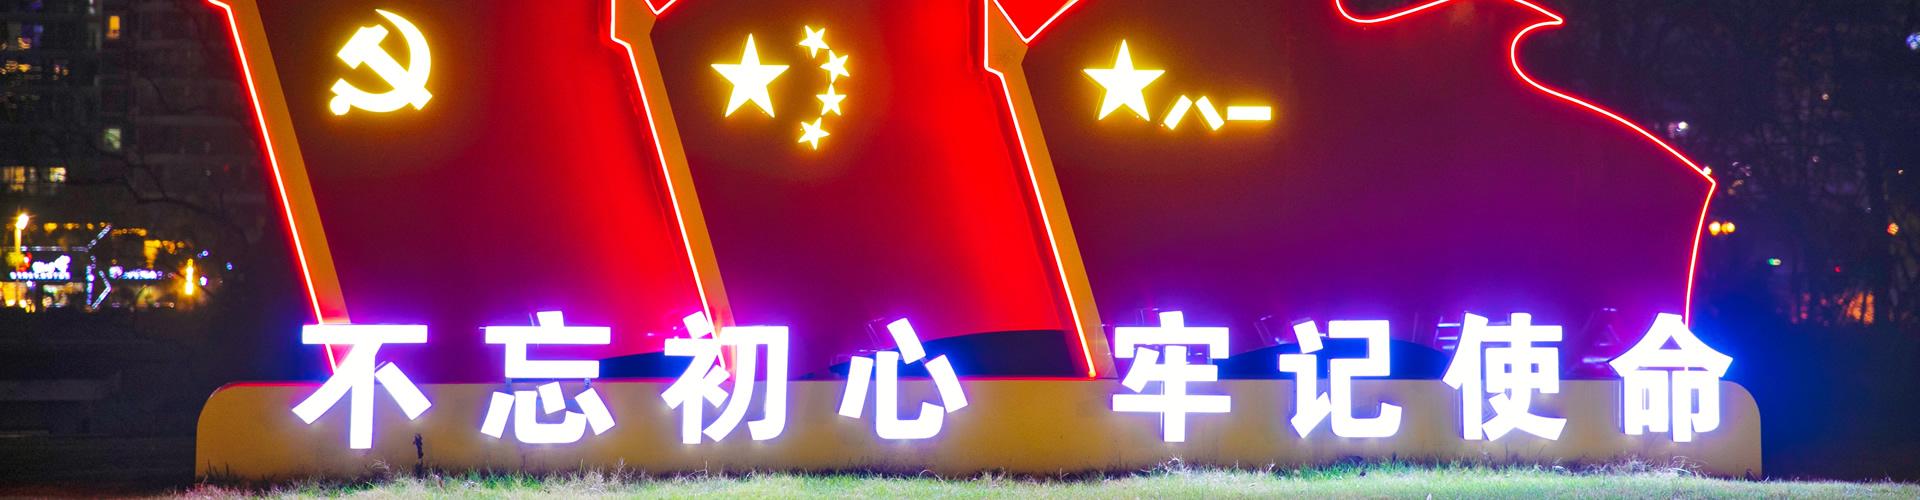 咸阳党建文化墙